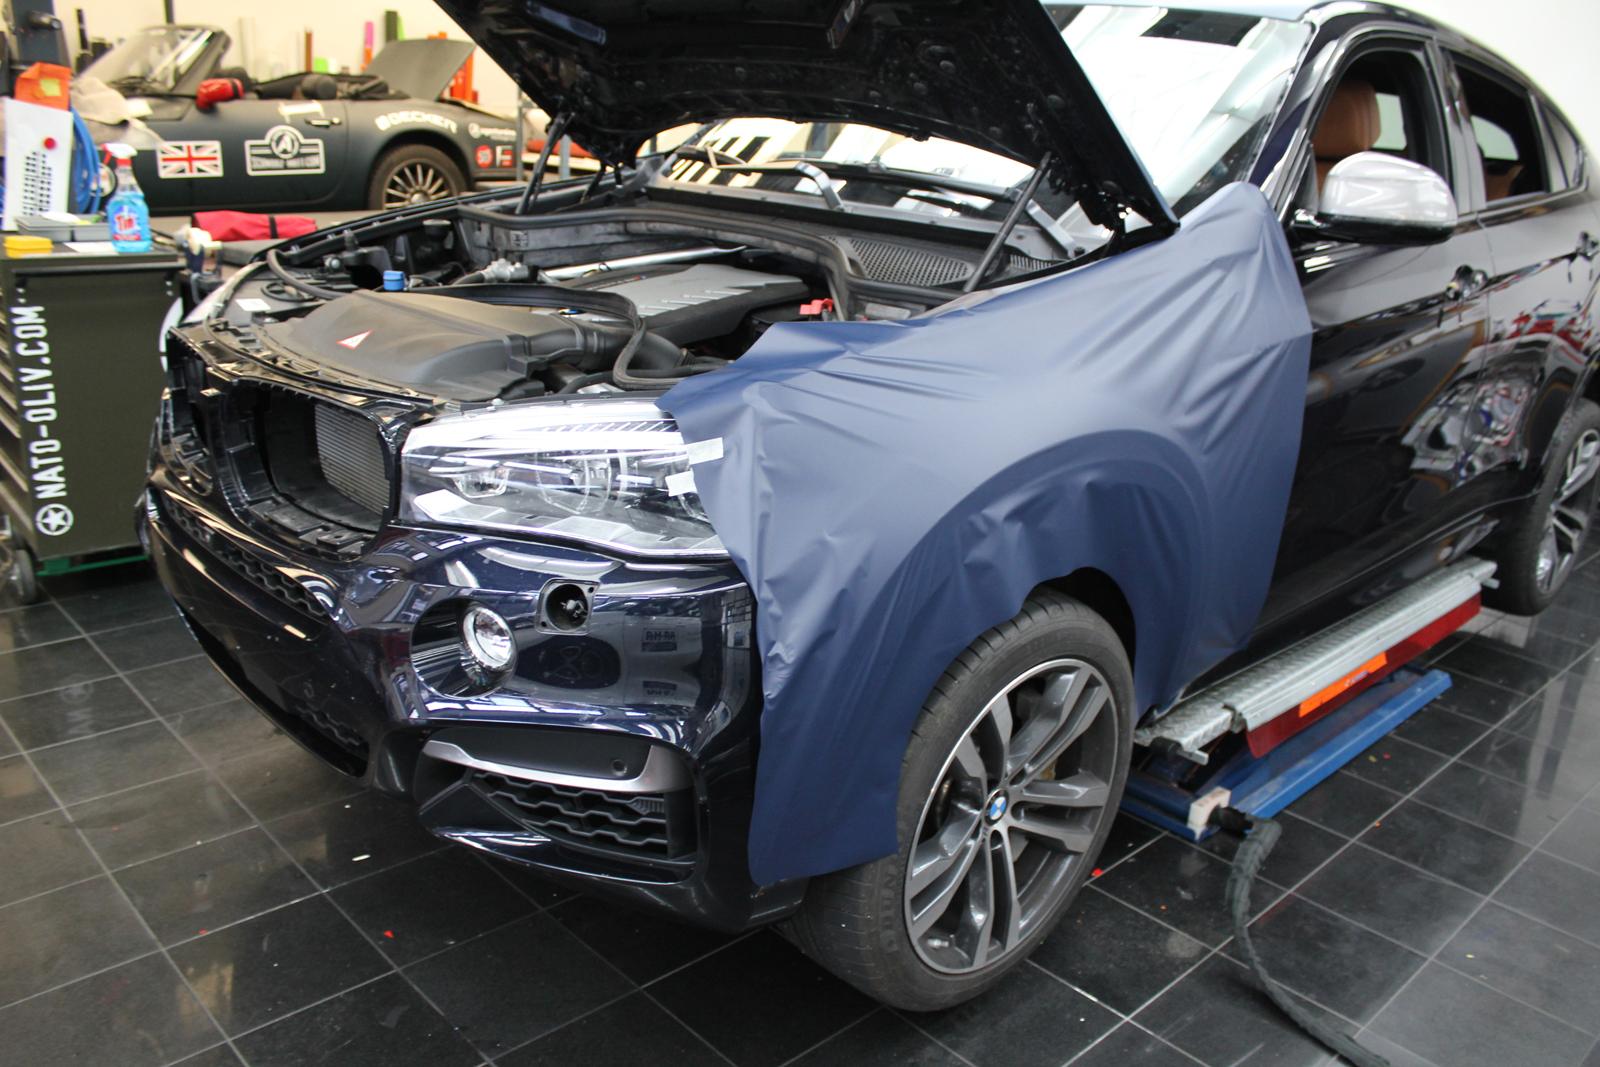 BMW_X6_CAR-WRAPPING_YACHTBLAU_MATT_01